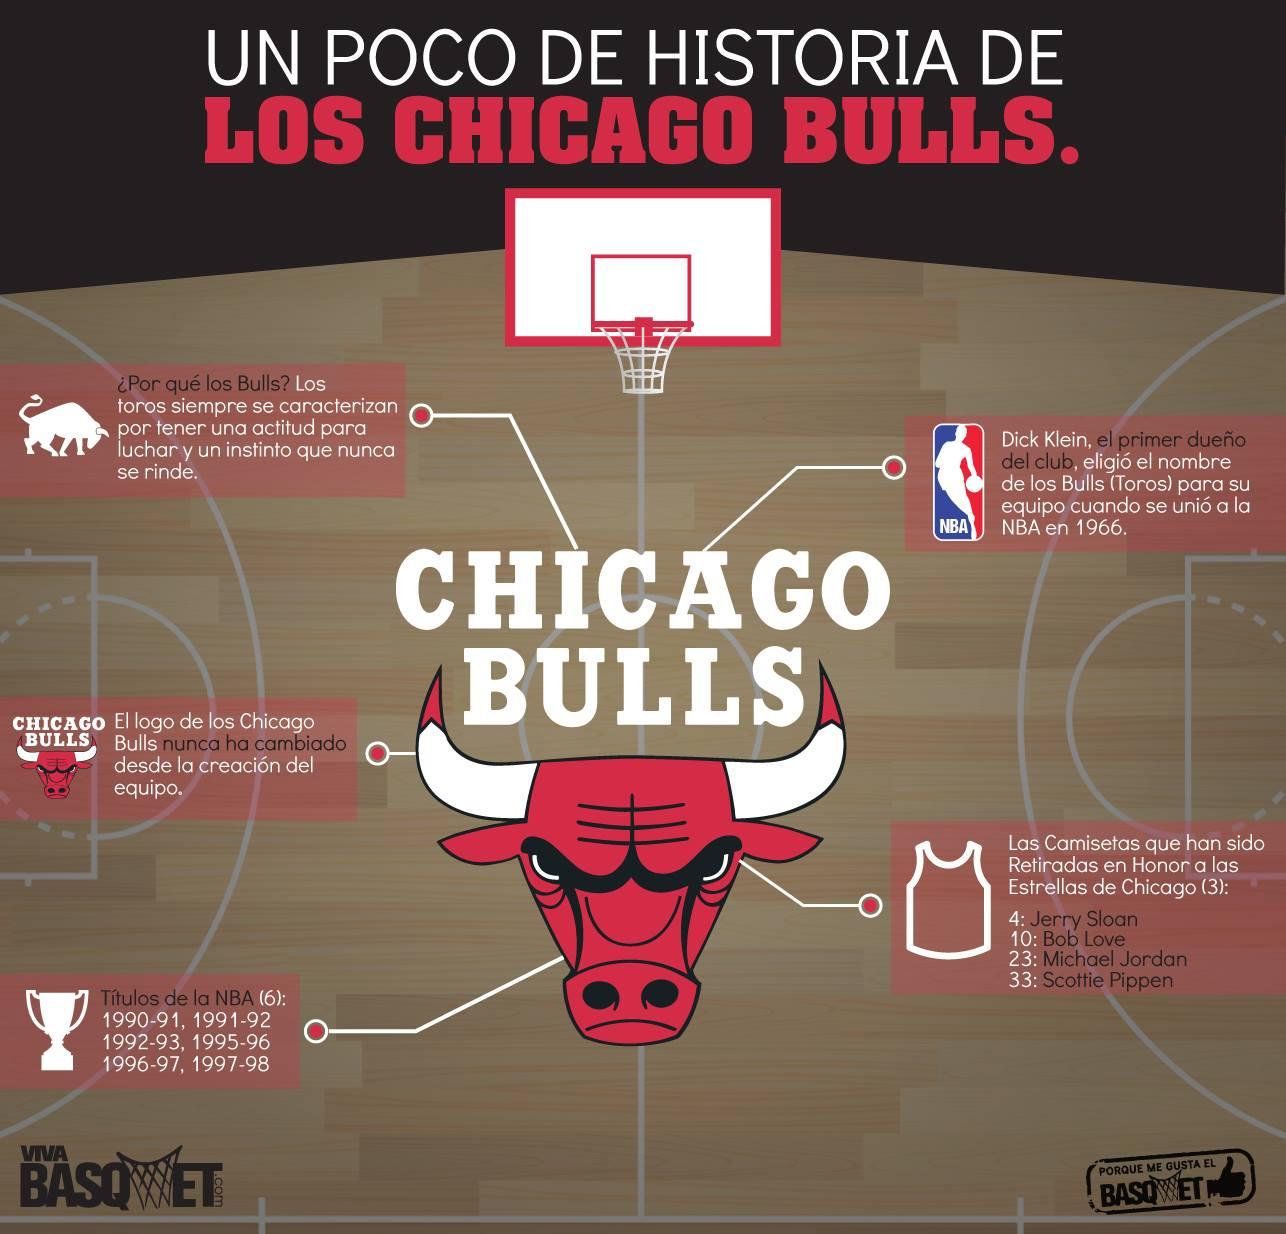 Un poco de historia con los Chicago Bulls por Viva Basquet.